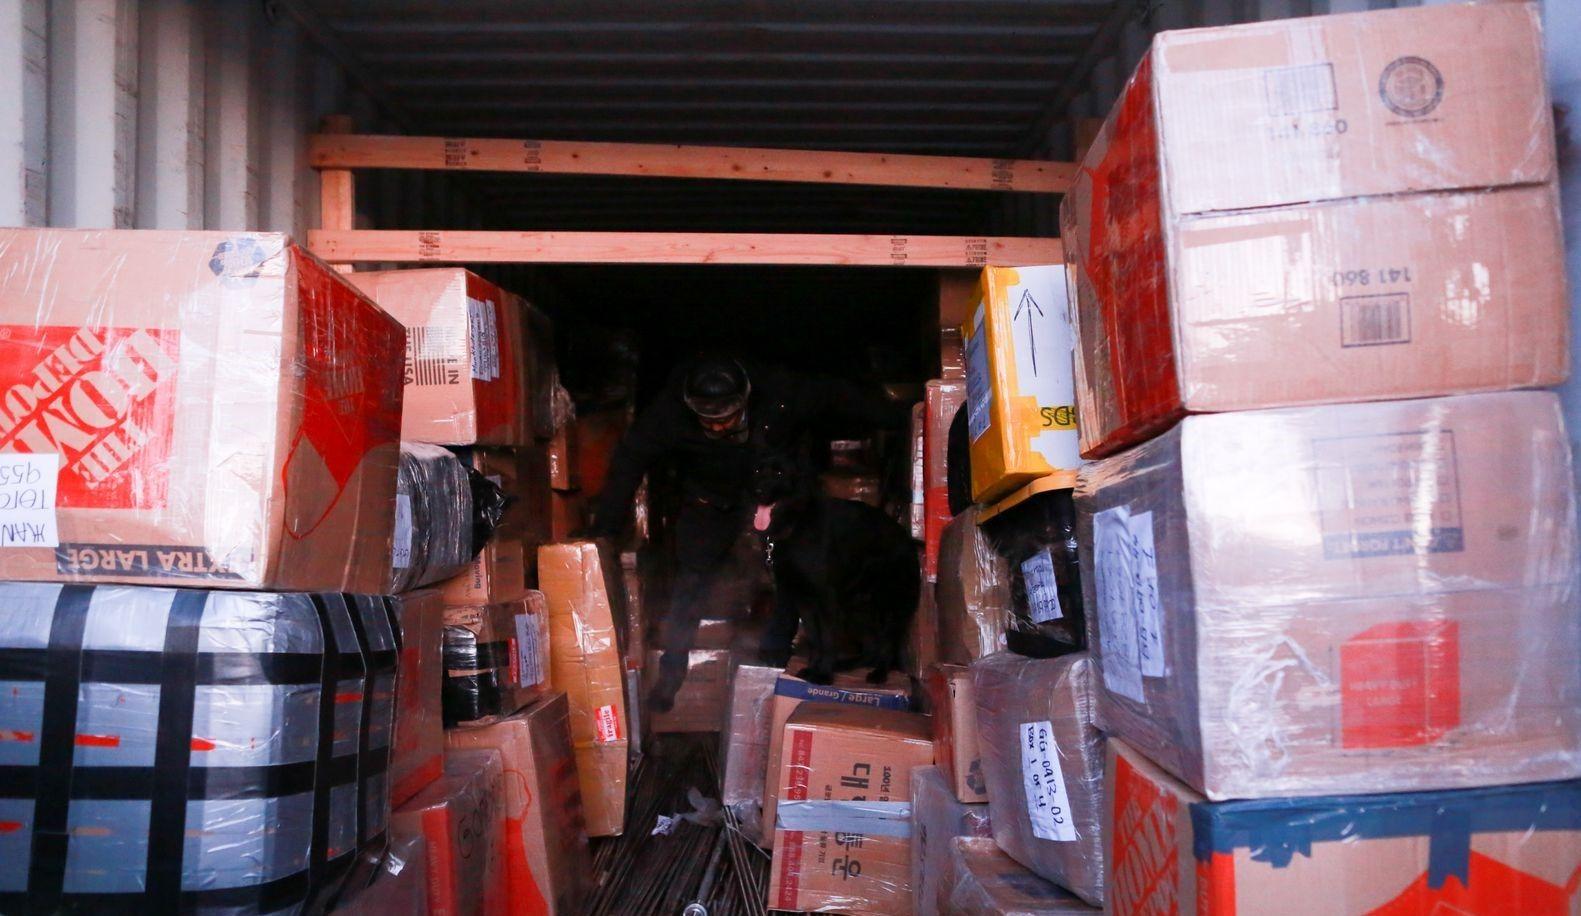 Улаанбаатар хот, Буянт-Ухаа болон улс хоорондын шуудан илгээмжийн гаалийн газар уртасгасан цагаар ажиллаж эхэллээ